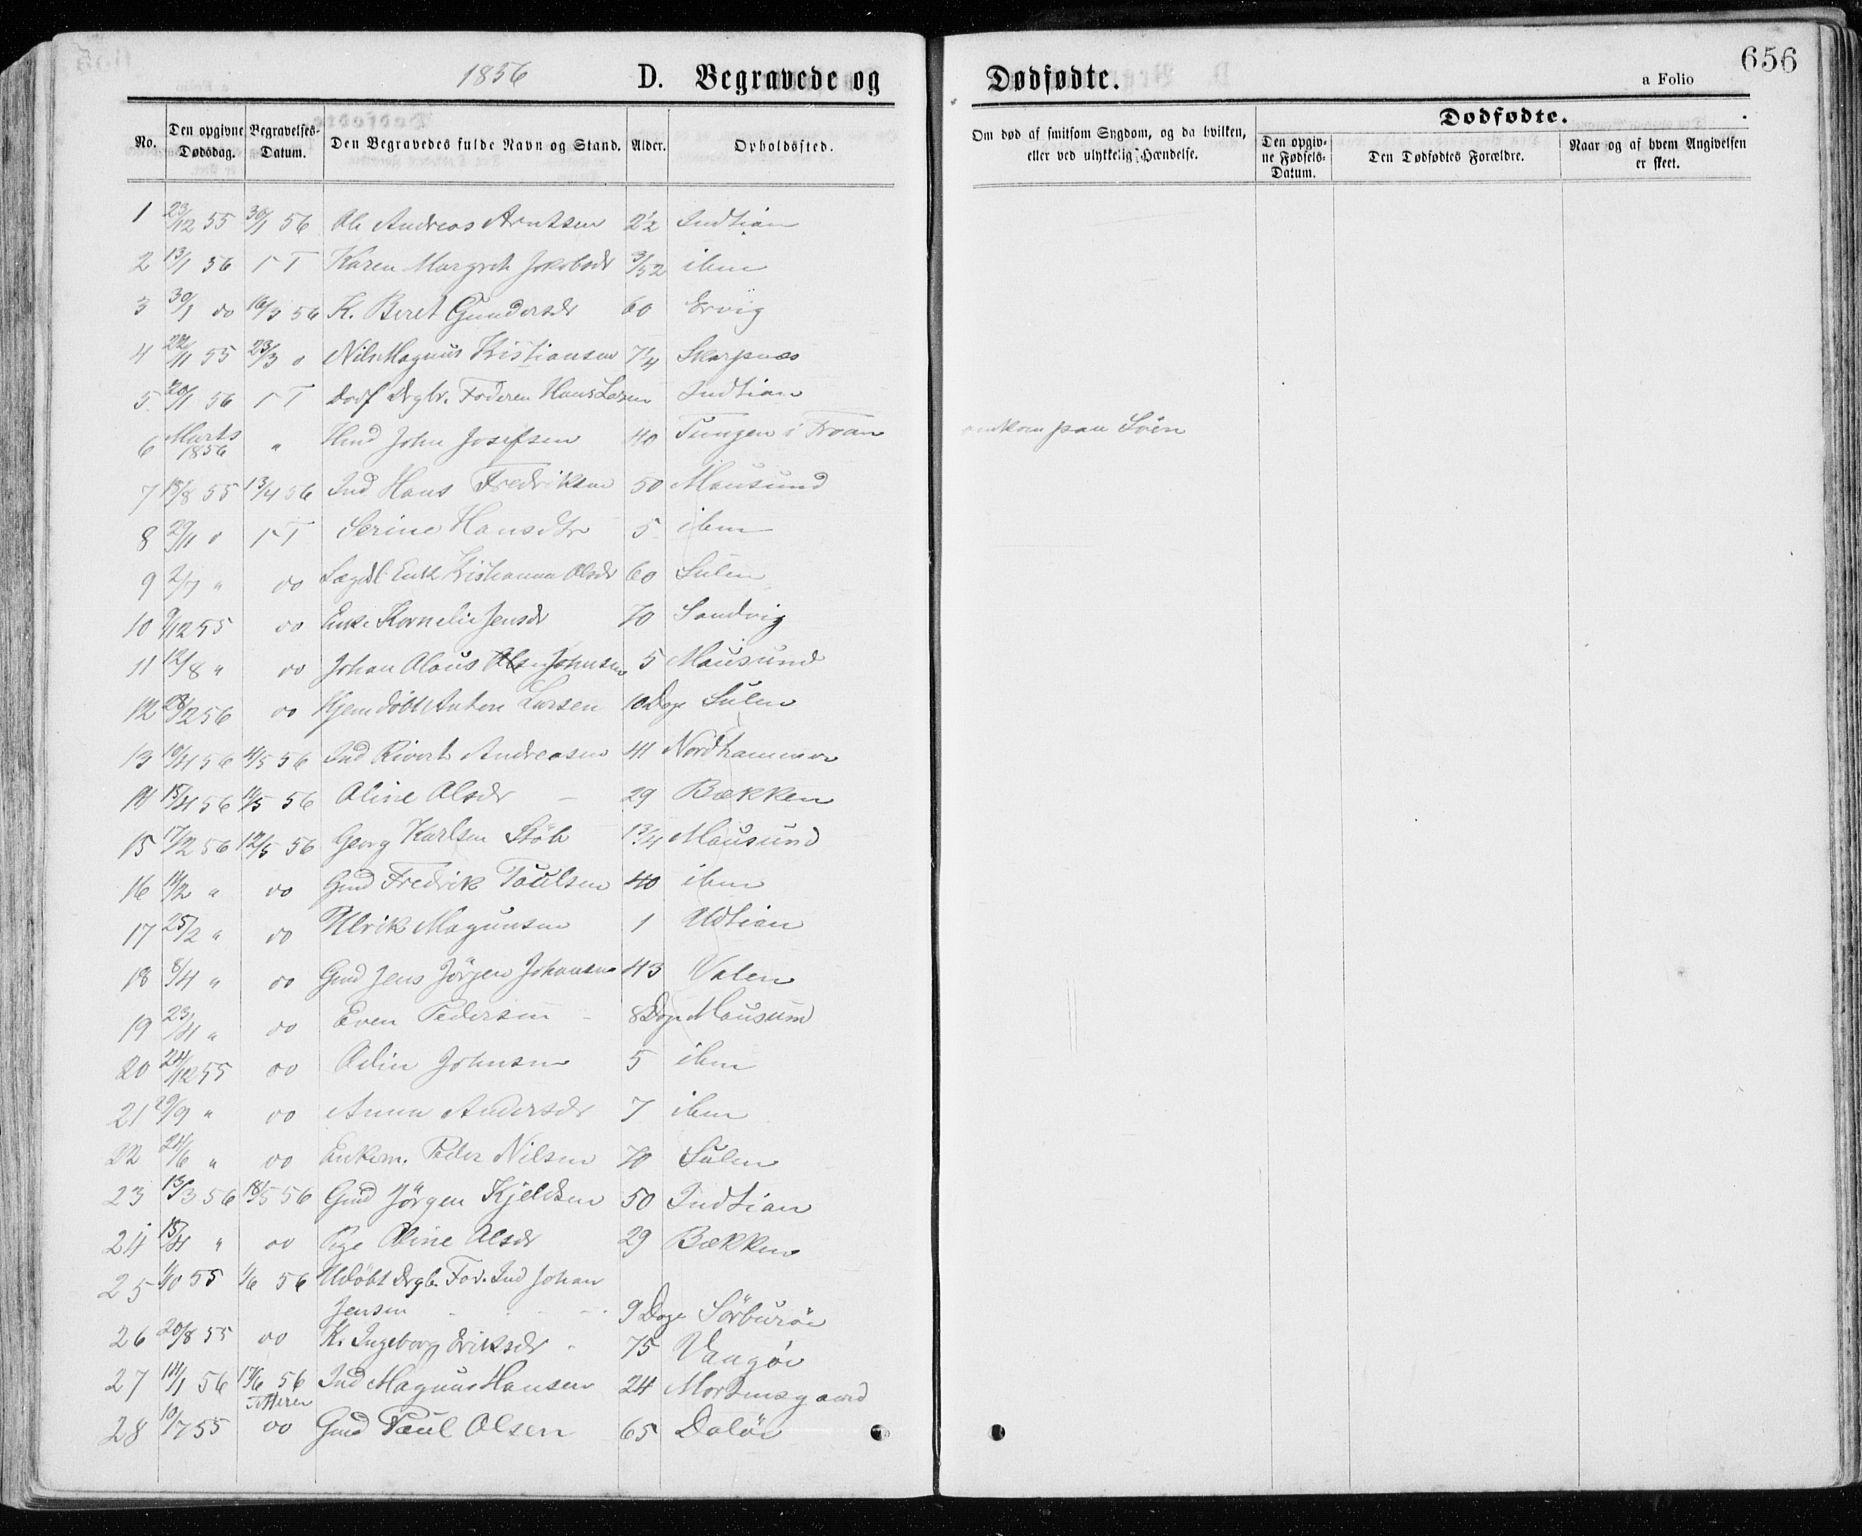 SAT, Ministerialprotokoller, klokkerbøker og fødselsregistre - Sør-Trøndelag, 640/L0576: Ministerialbok nr. 640A01, 1846-1876, s. 656